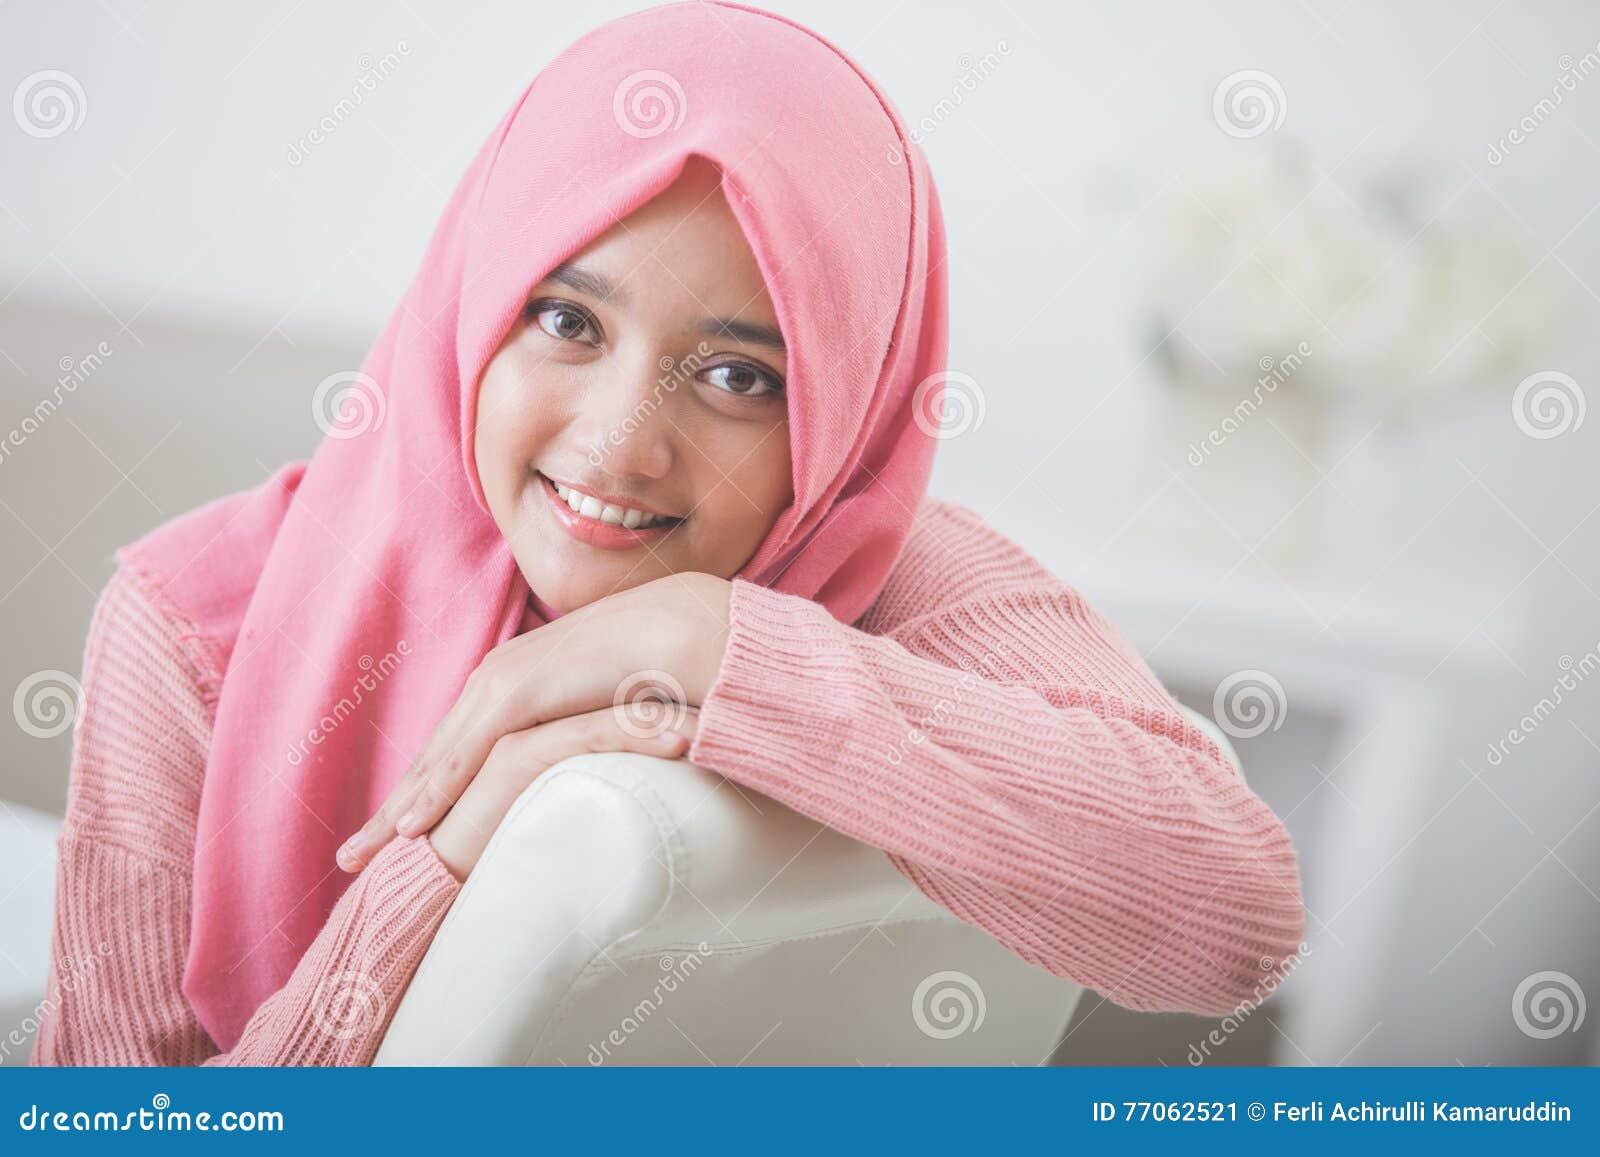 Pretty Asian Woman Wearing Hijab Stock Image - Image Of Beautiful, Female 77062521-5074